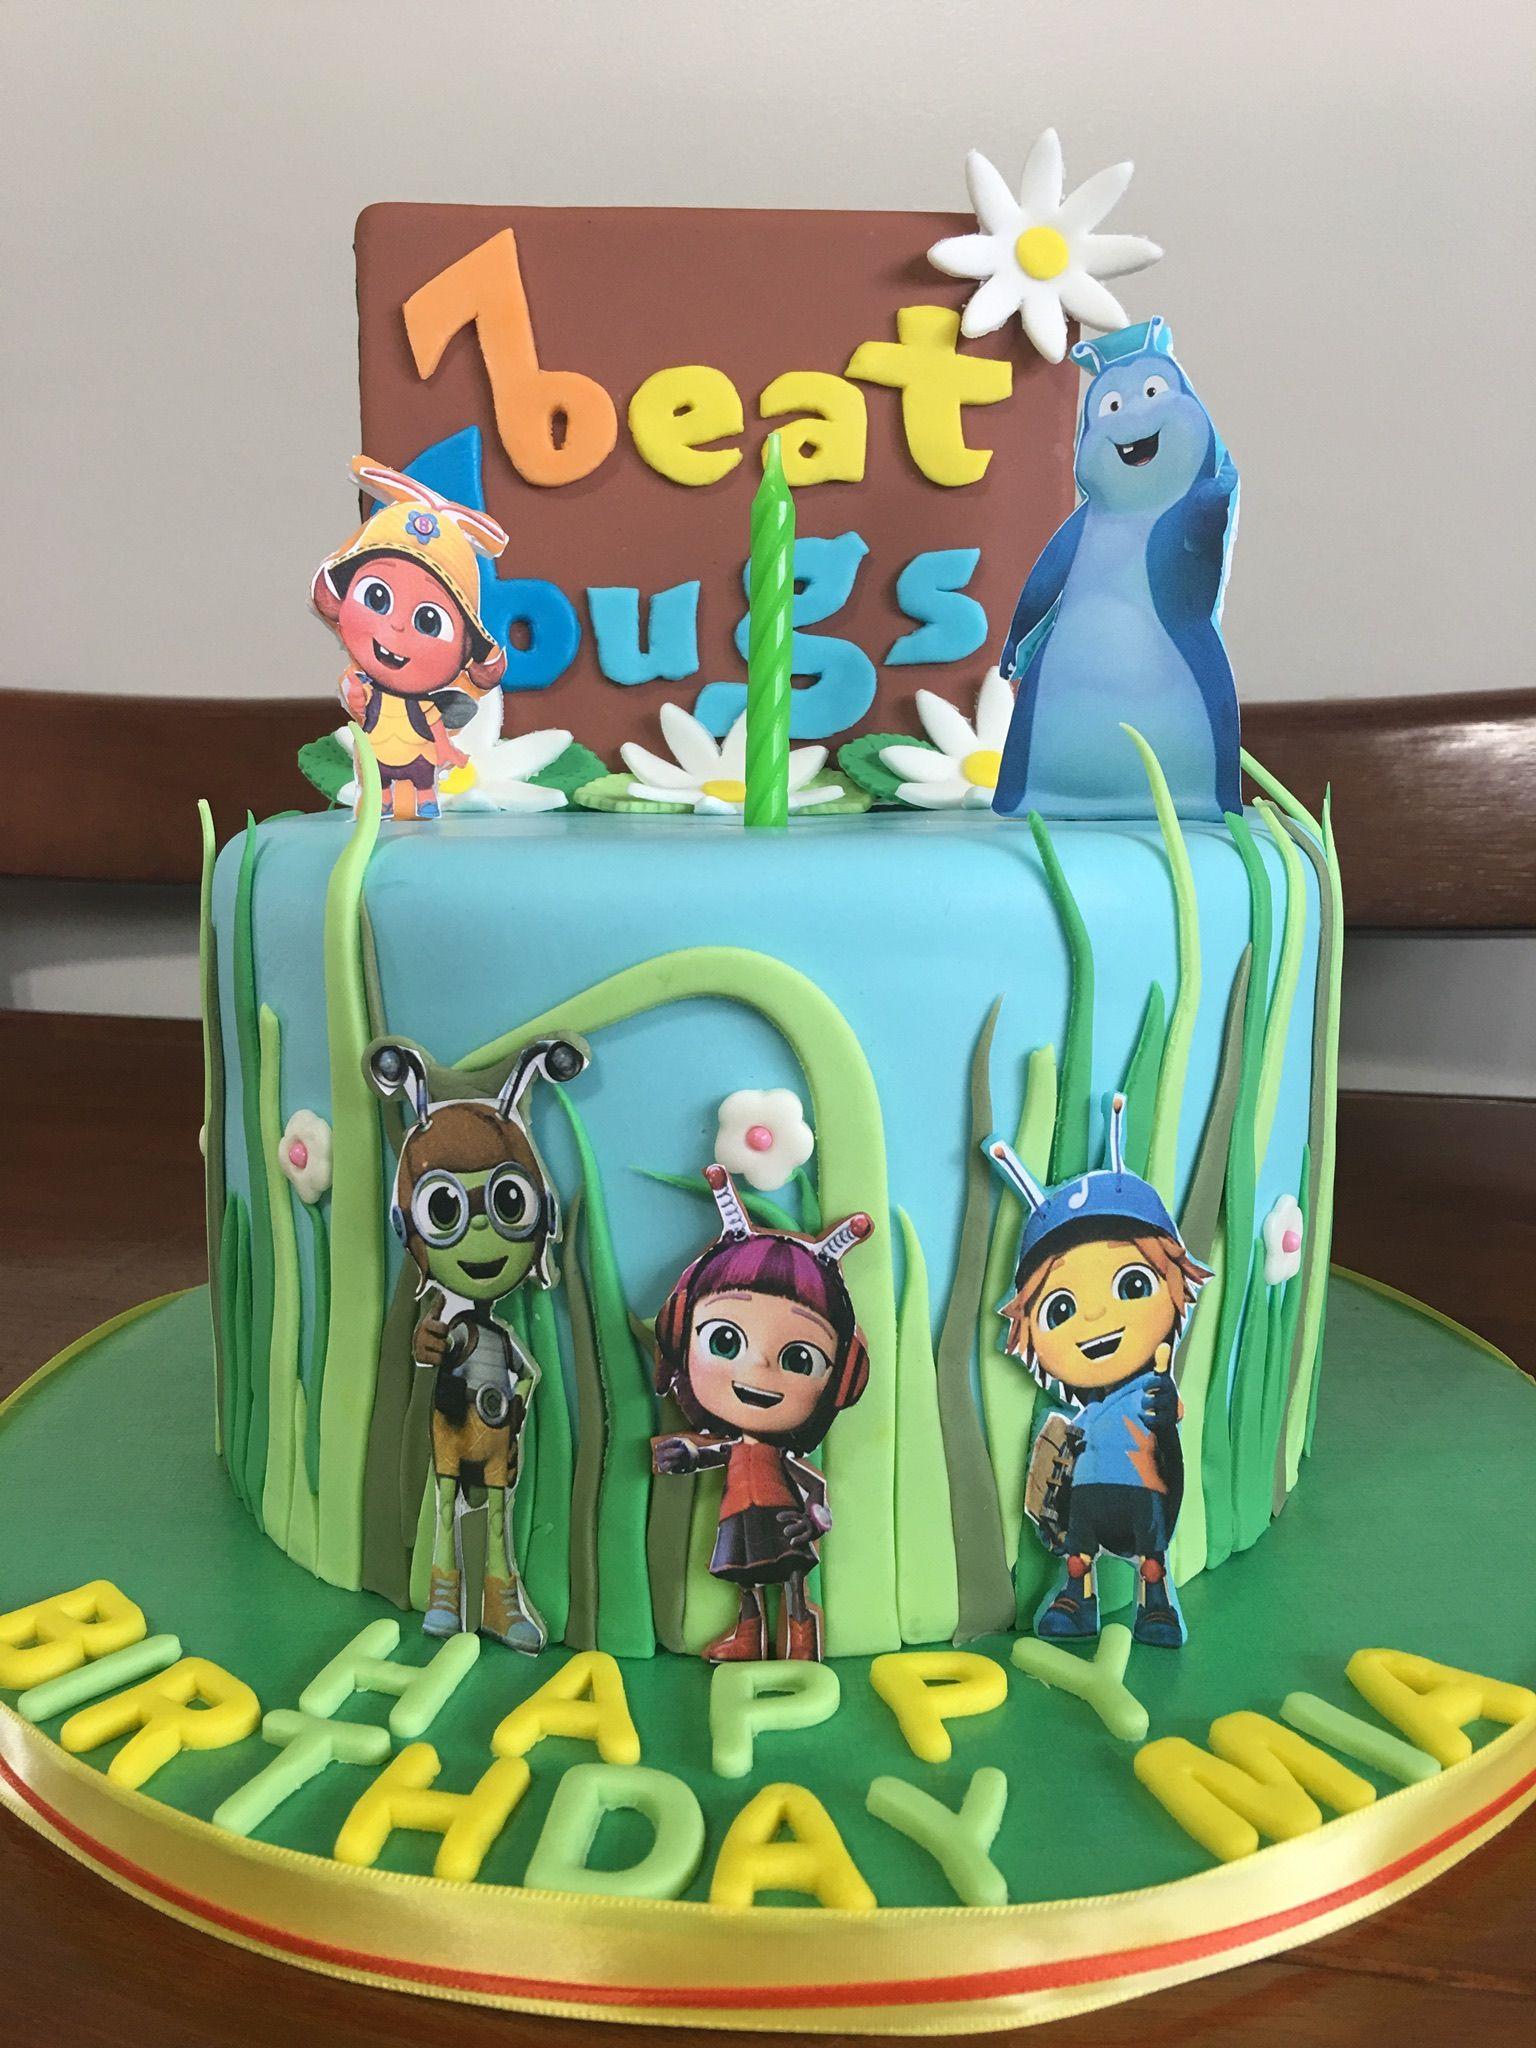 Beat Bugs | Free birthday, Birthdays and Third birthday